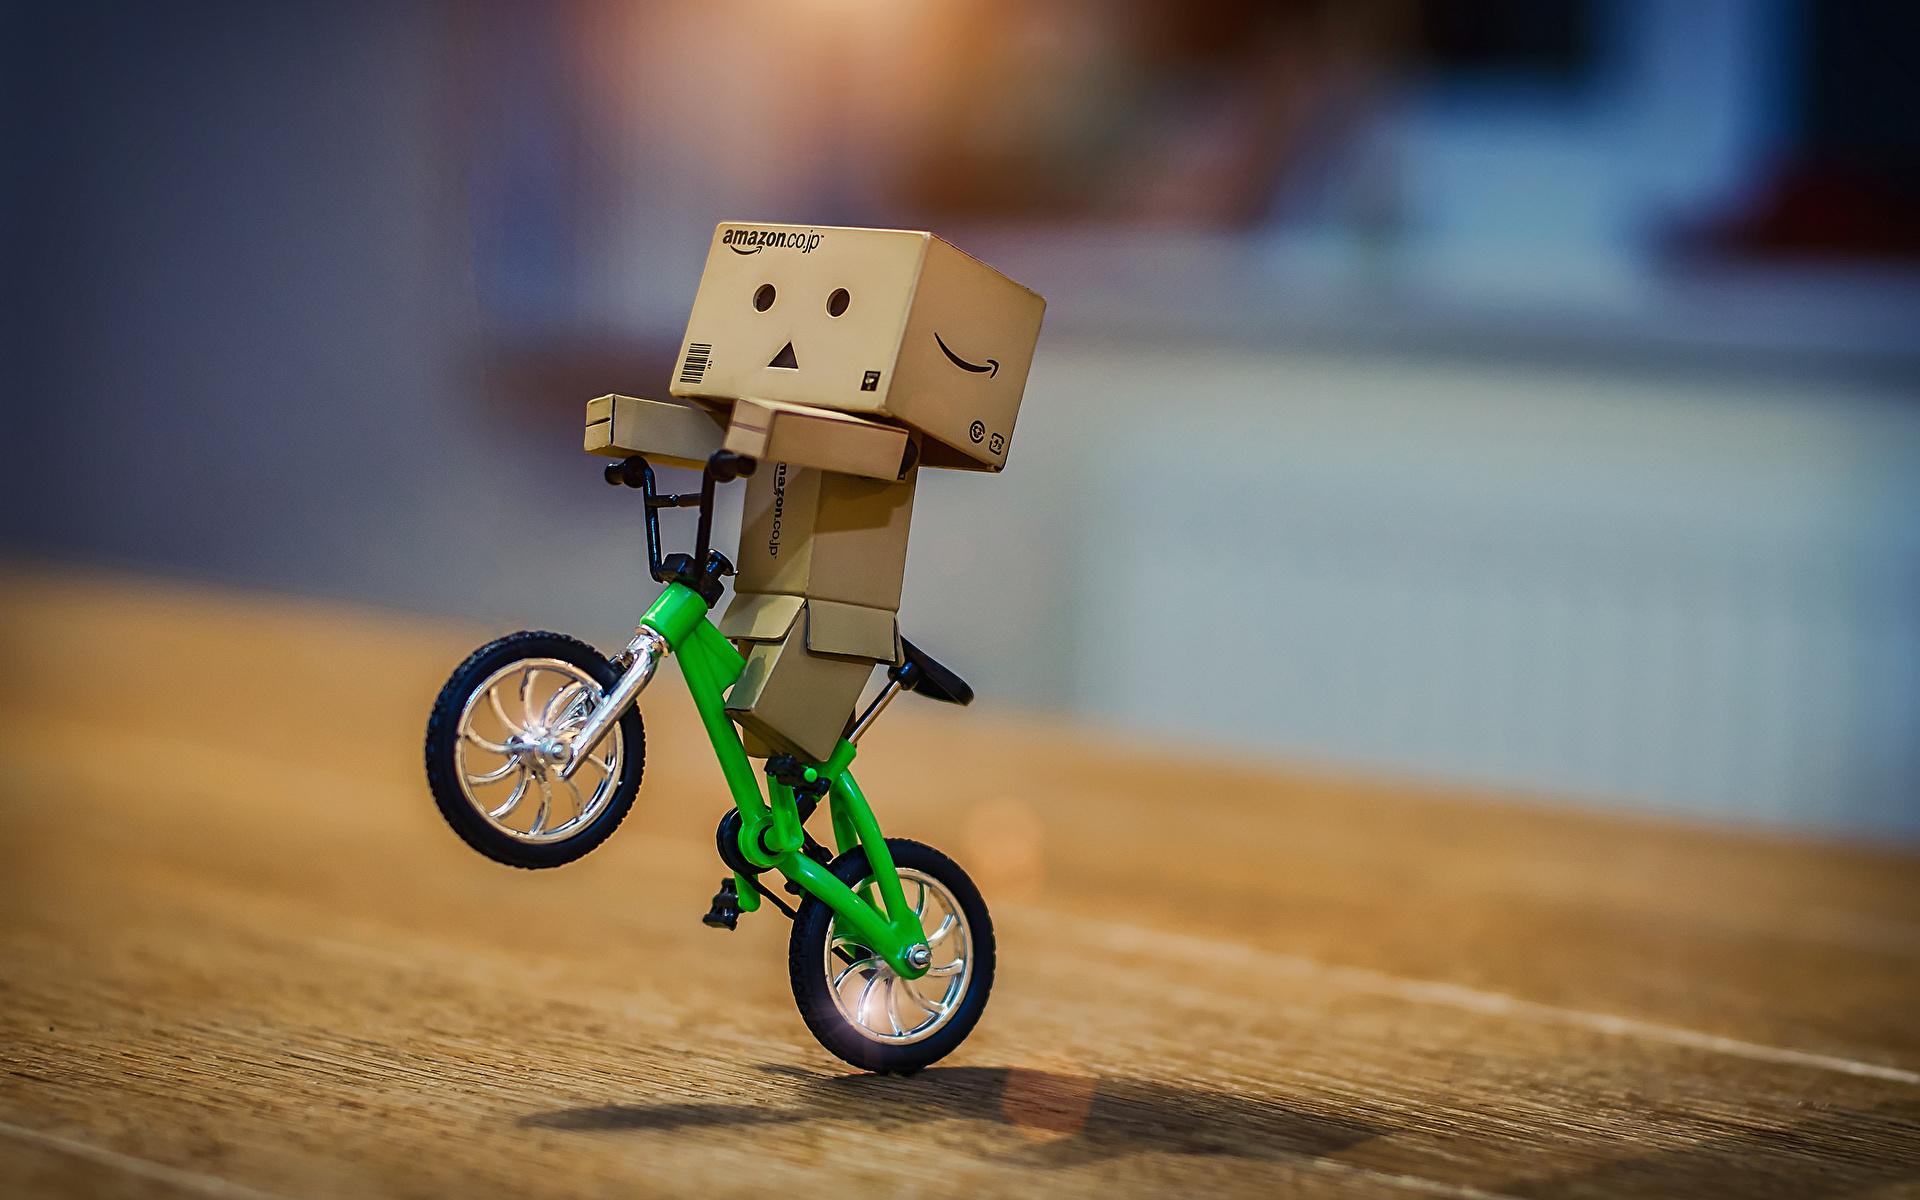 壁紙 19x10 玩具 自転車 ダンボー ダウンロード 写真